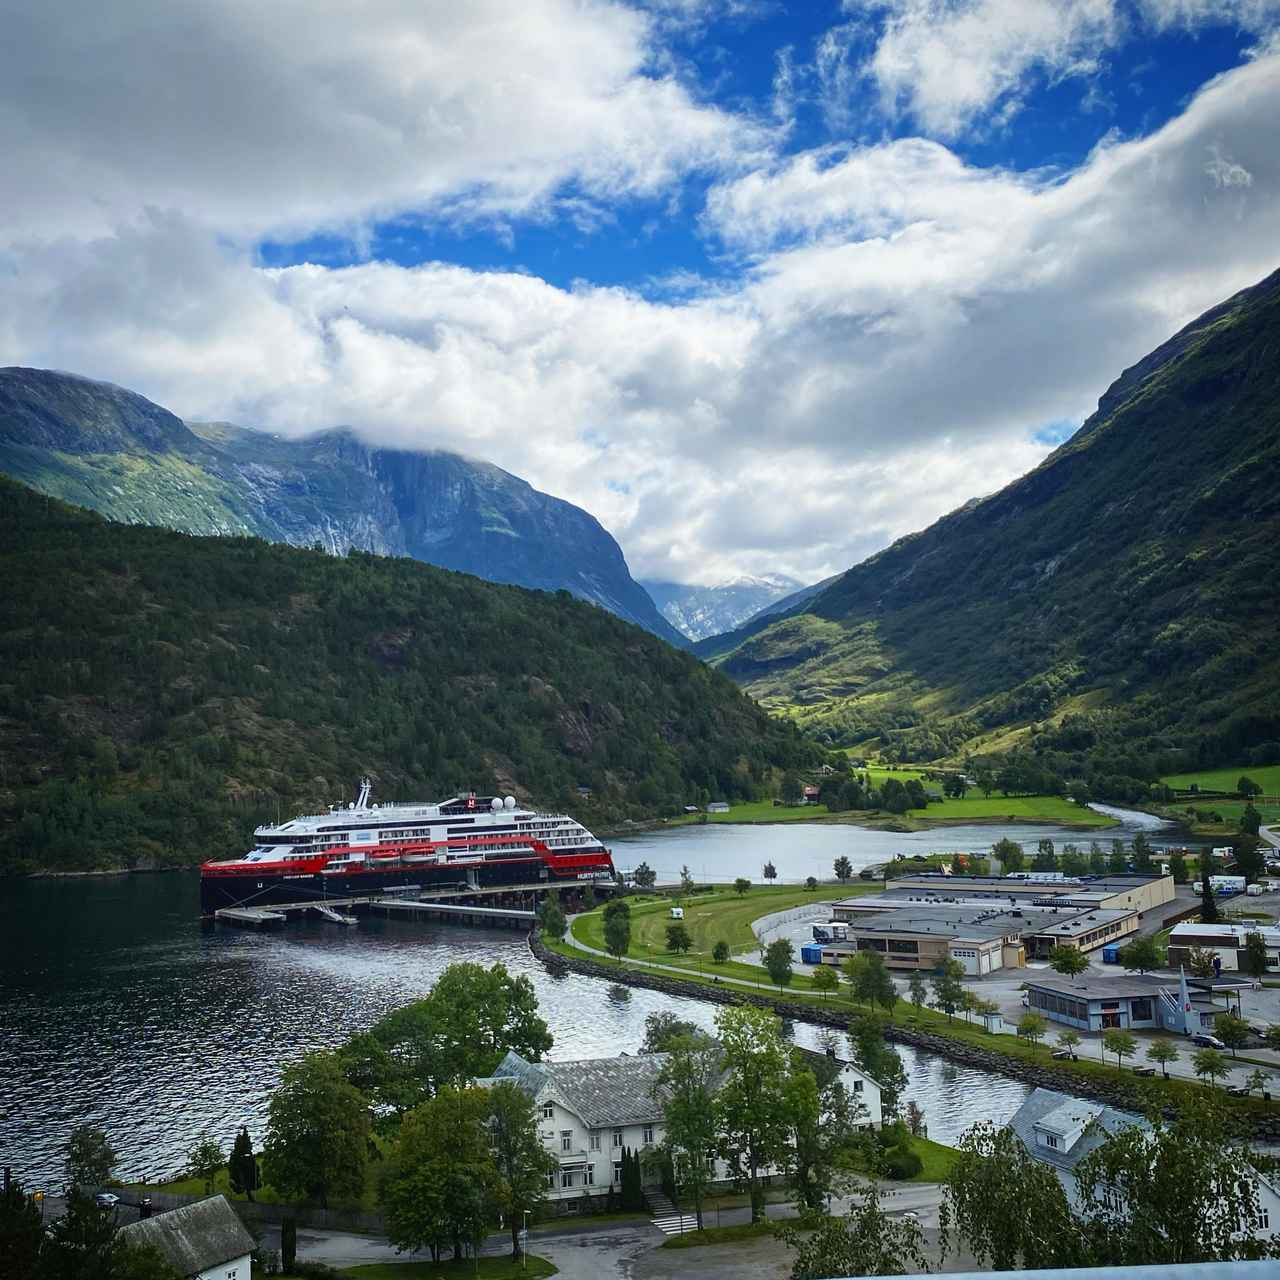 画像: ノルウェーの漁港に停泊しているところを撮影されたクルーズ船。